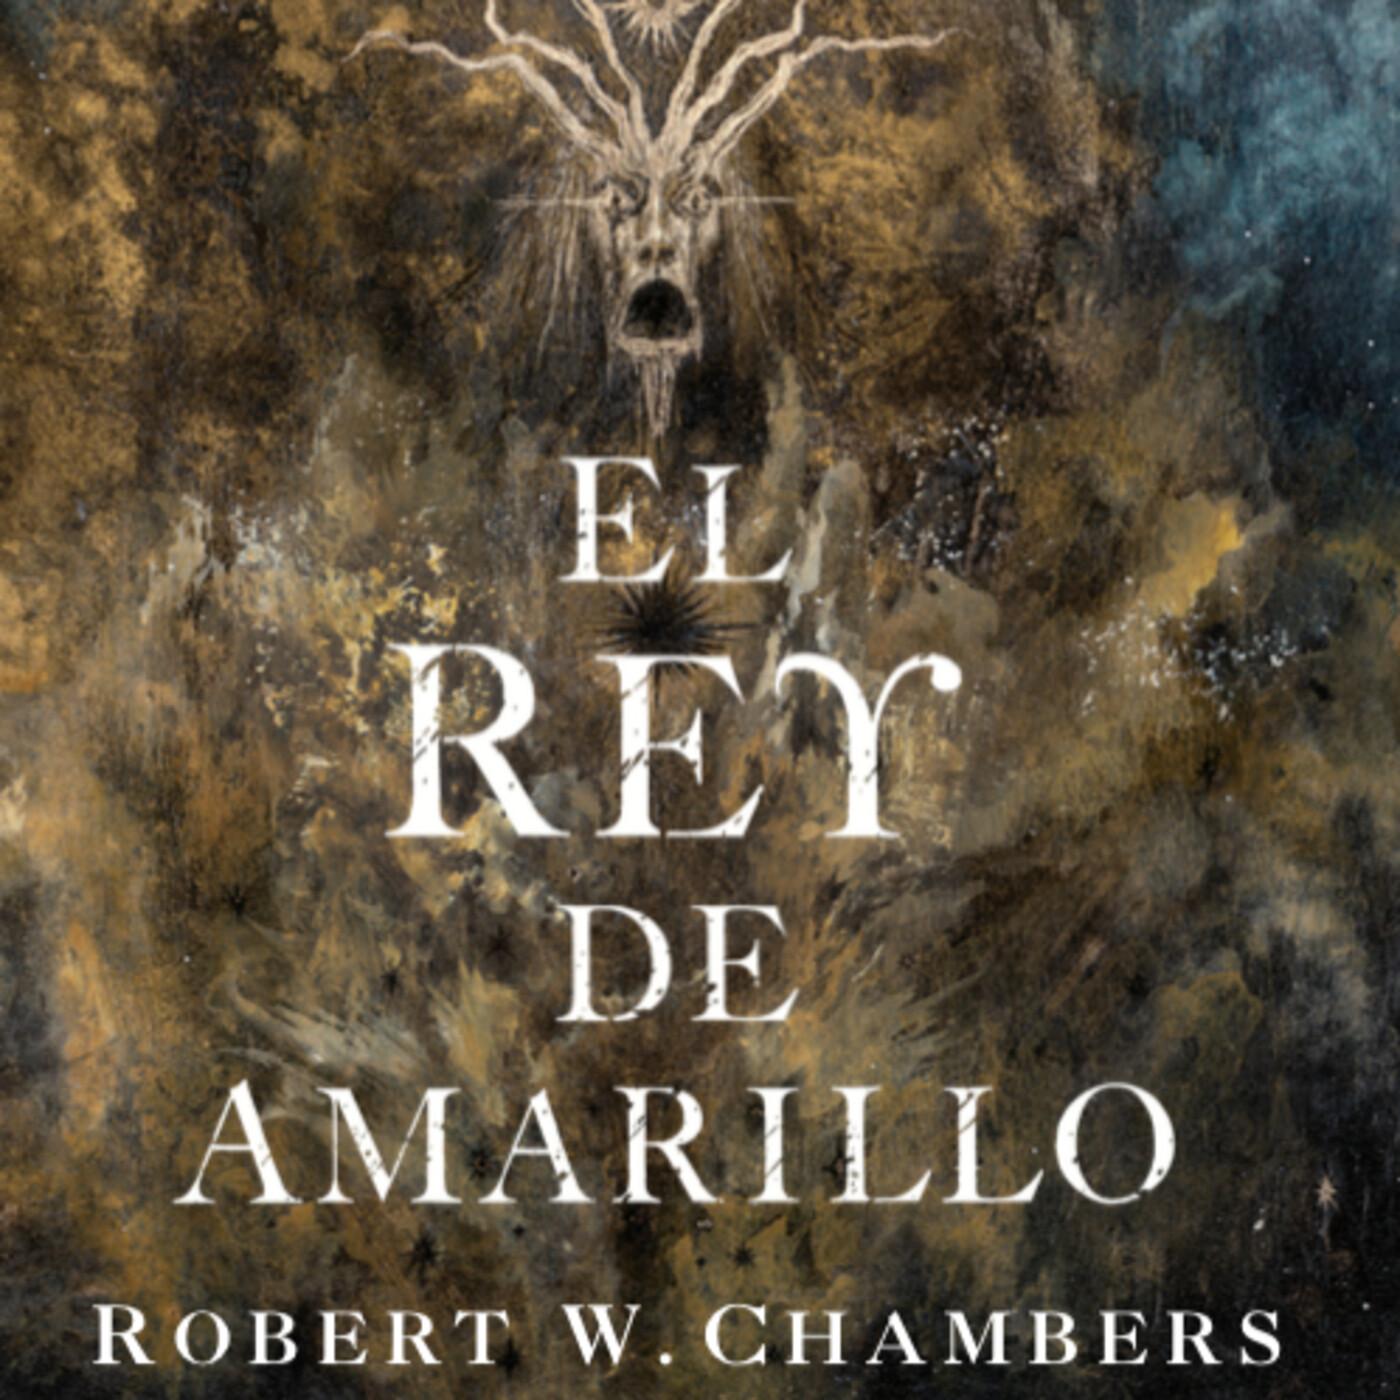 #25. AUDIOLIBRO - El Rey de Amarillo by Robert W. Chambers